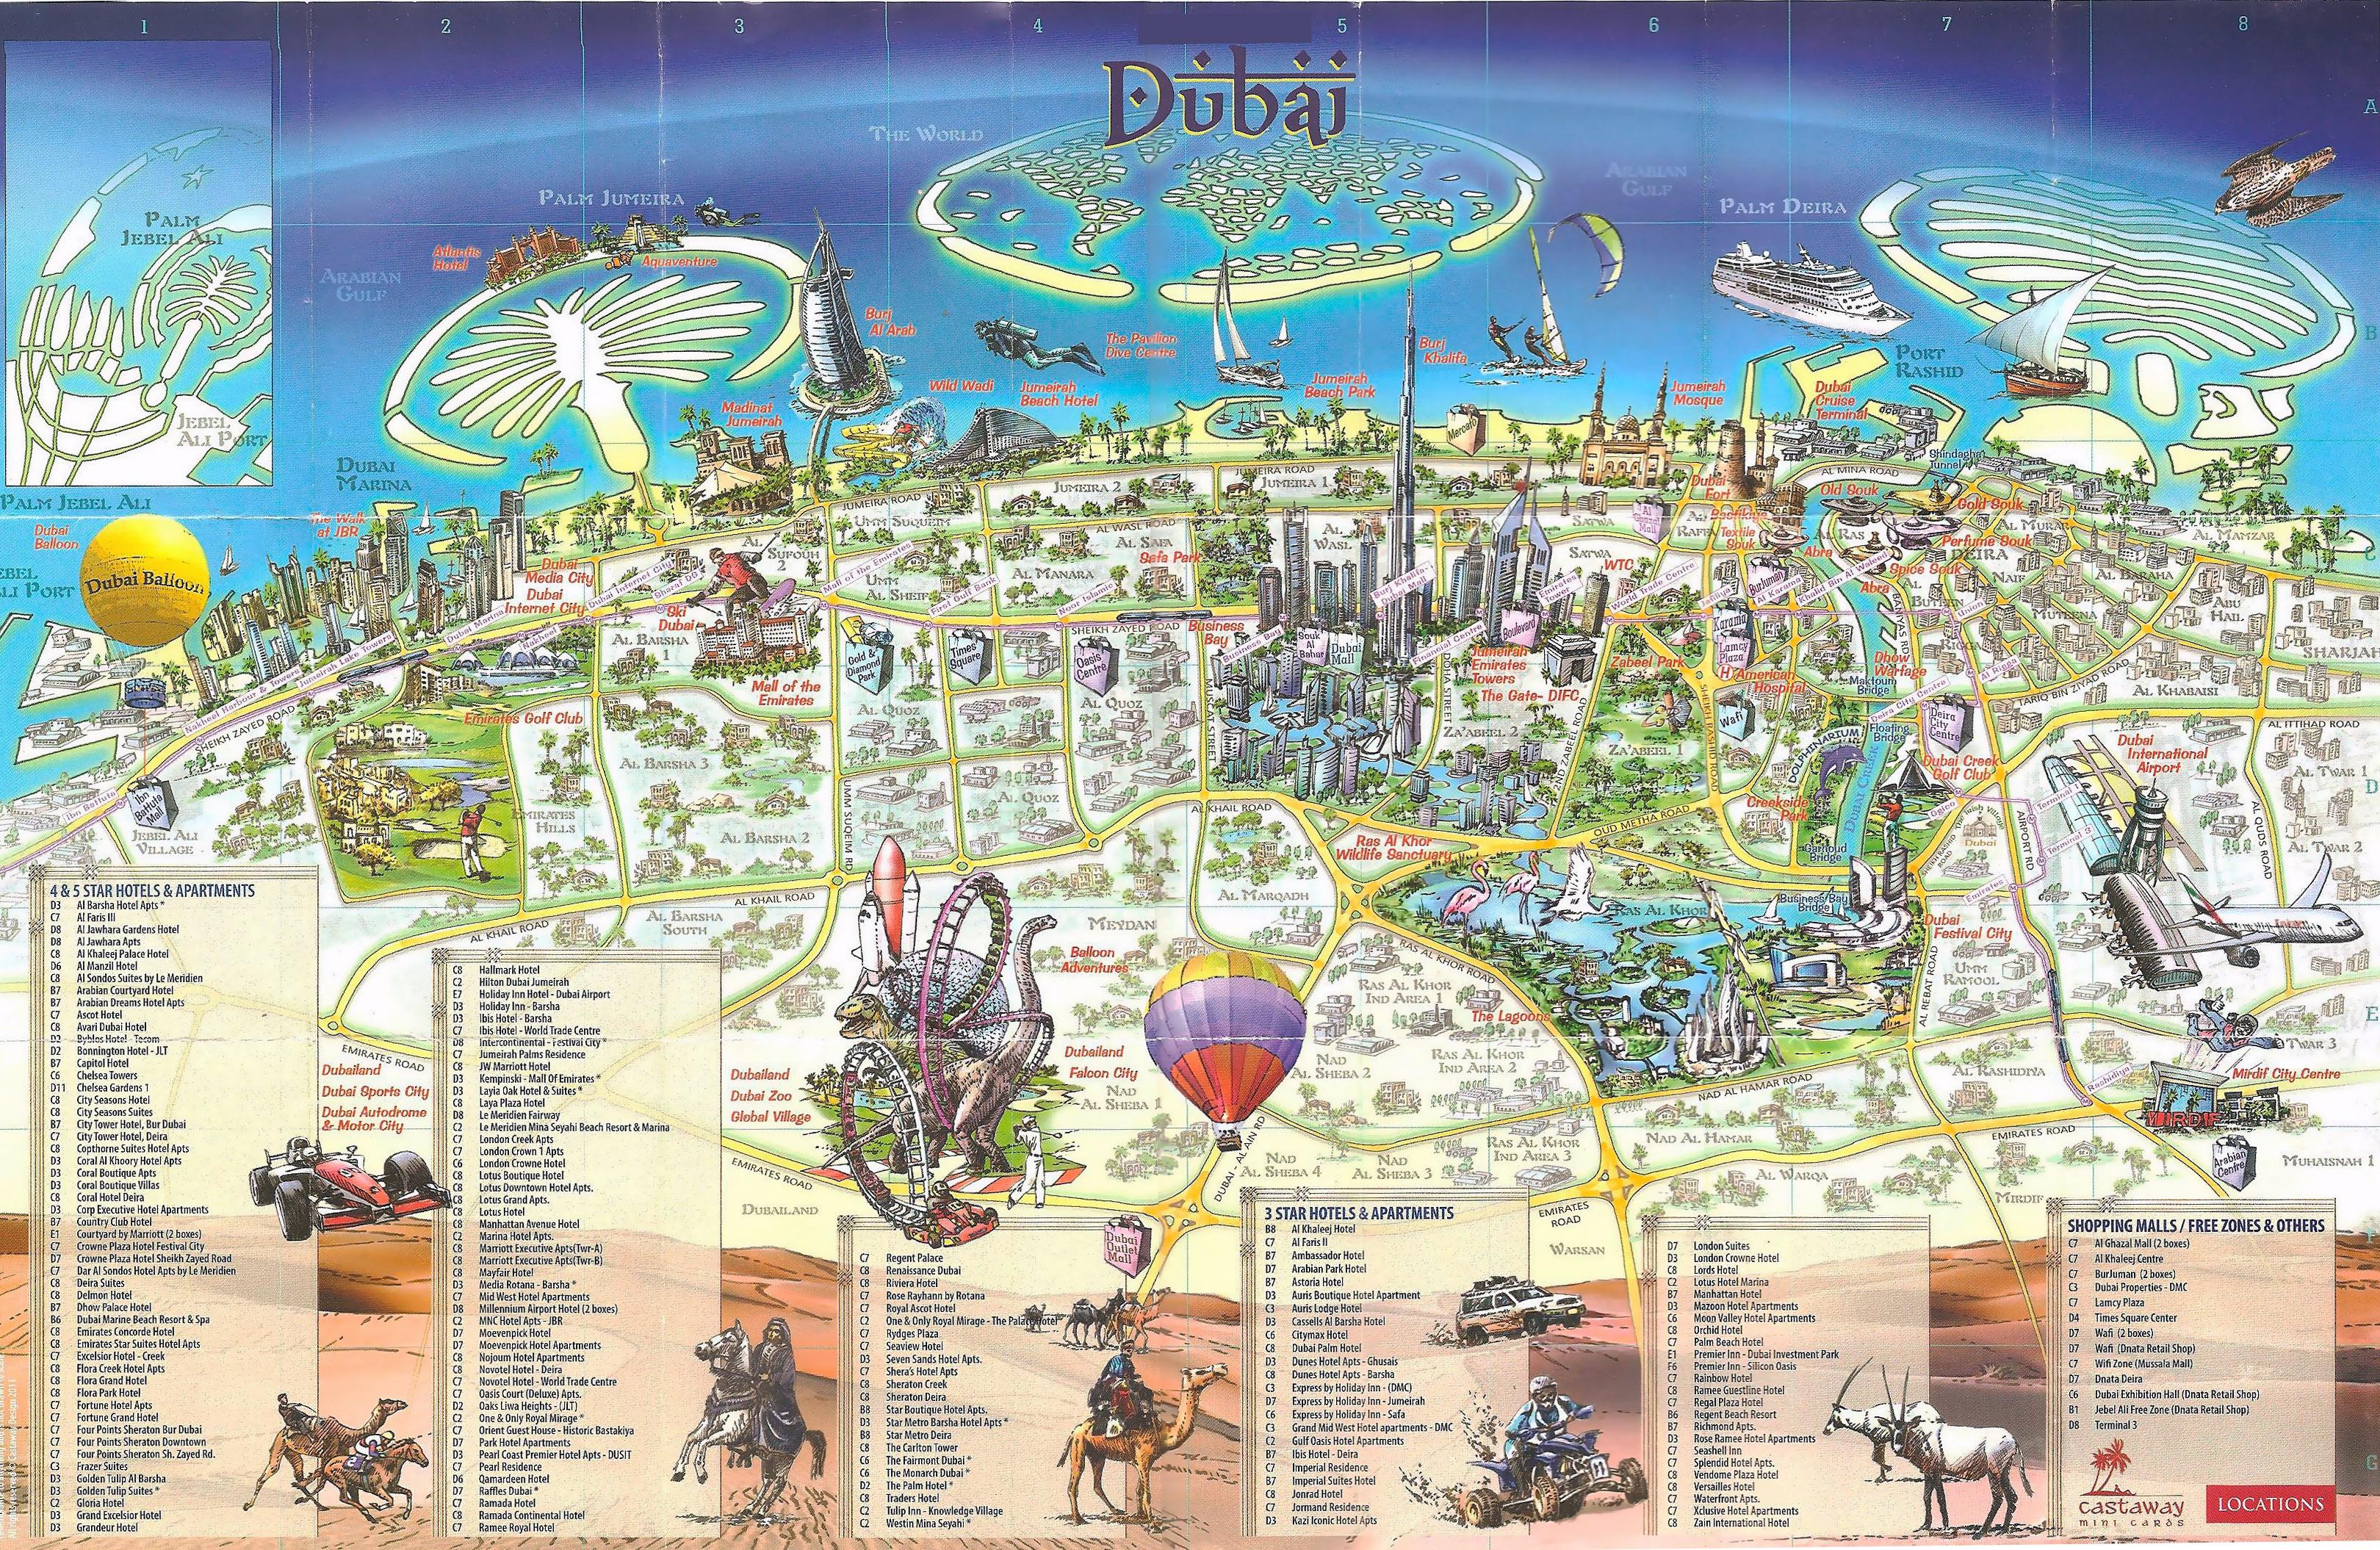 Large scale tourist map of Dubai Dubai